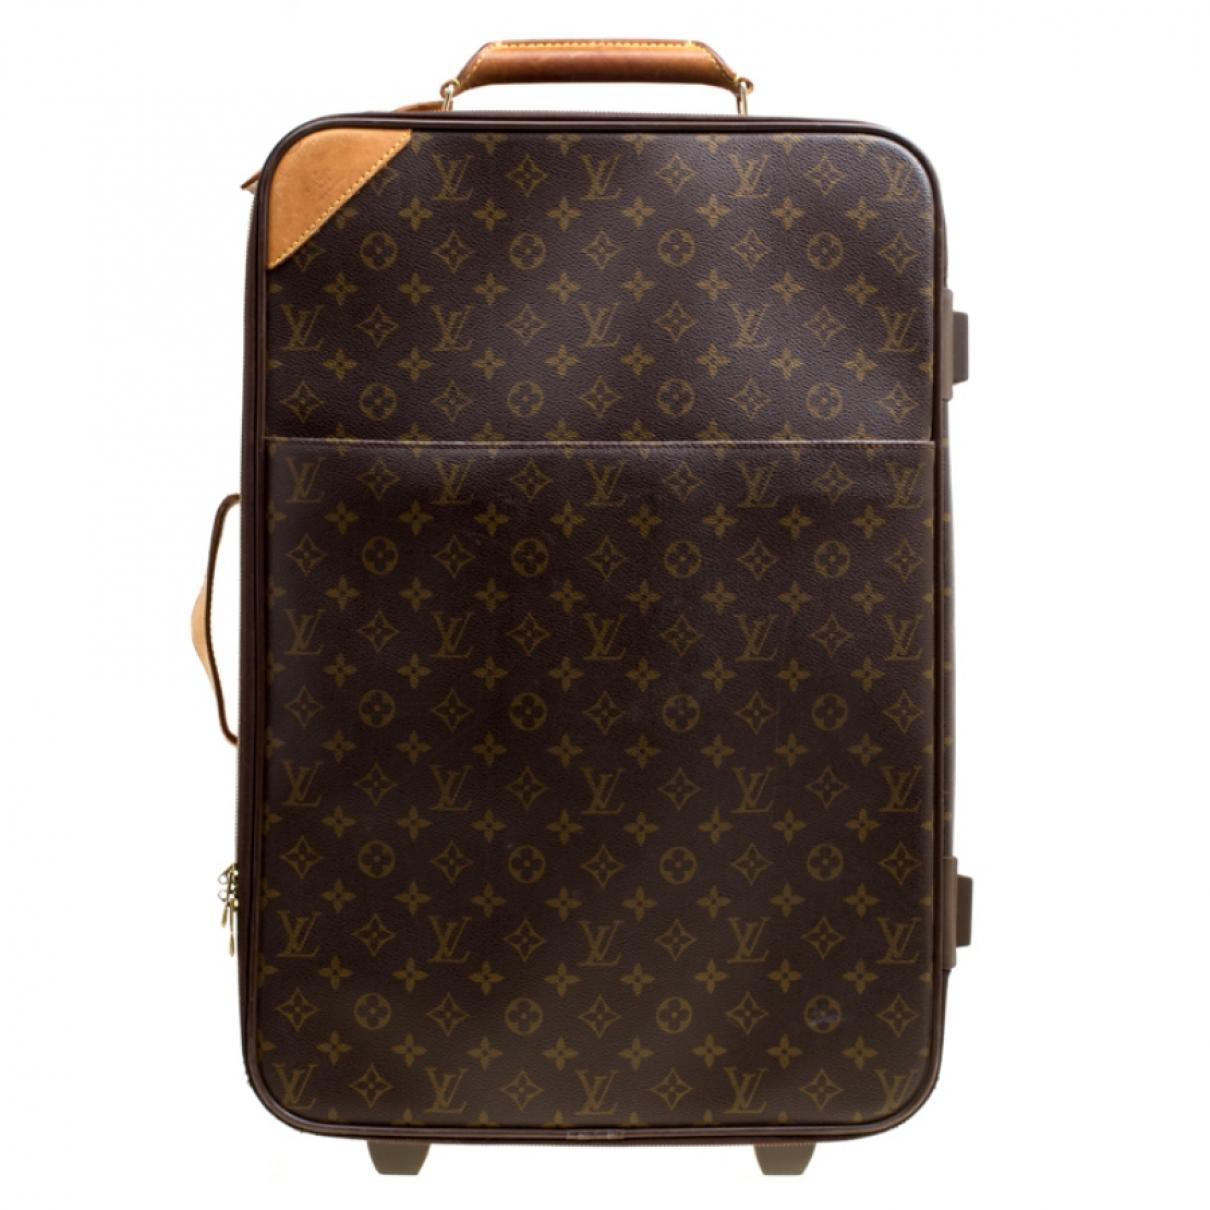 Louis Vuitton - Sac de voyage   pour femme en cuir - marron